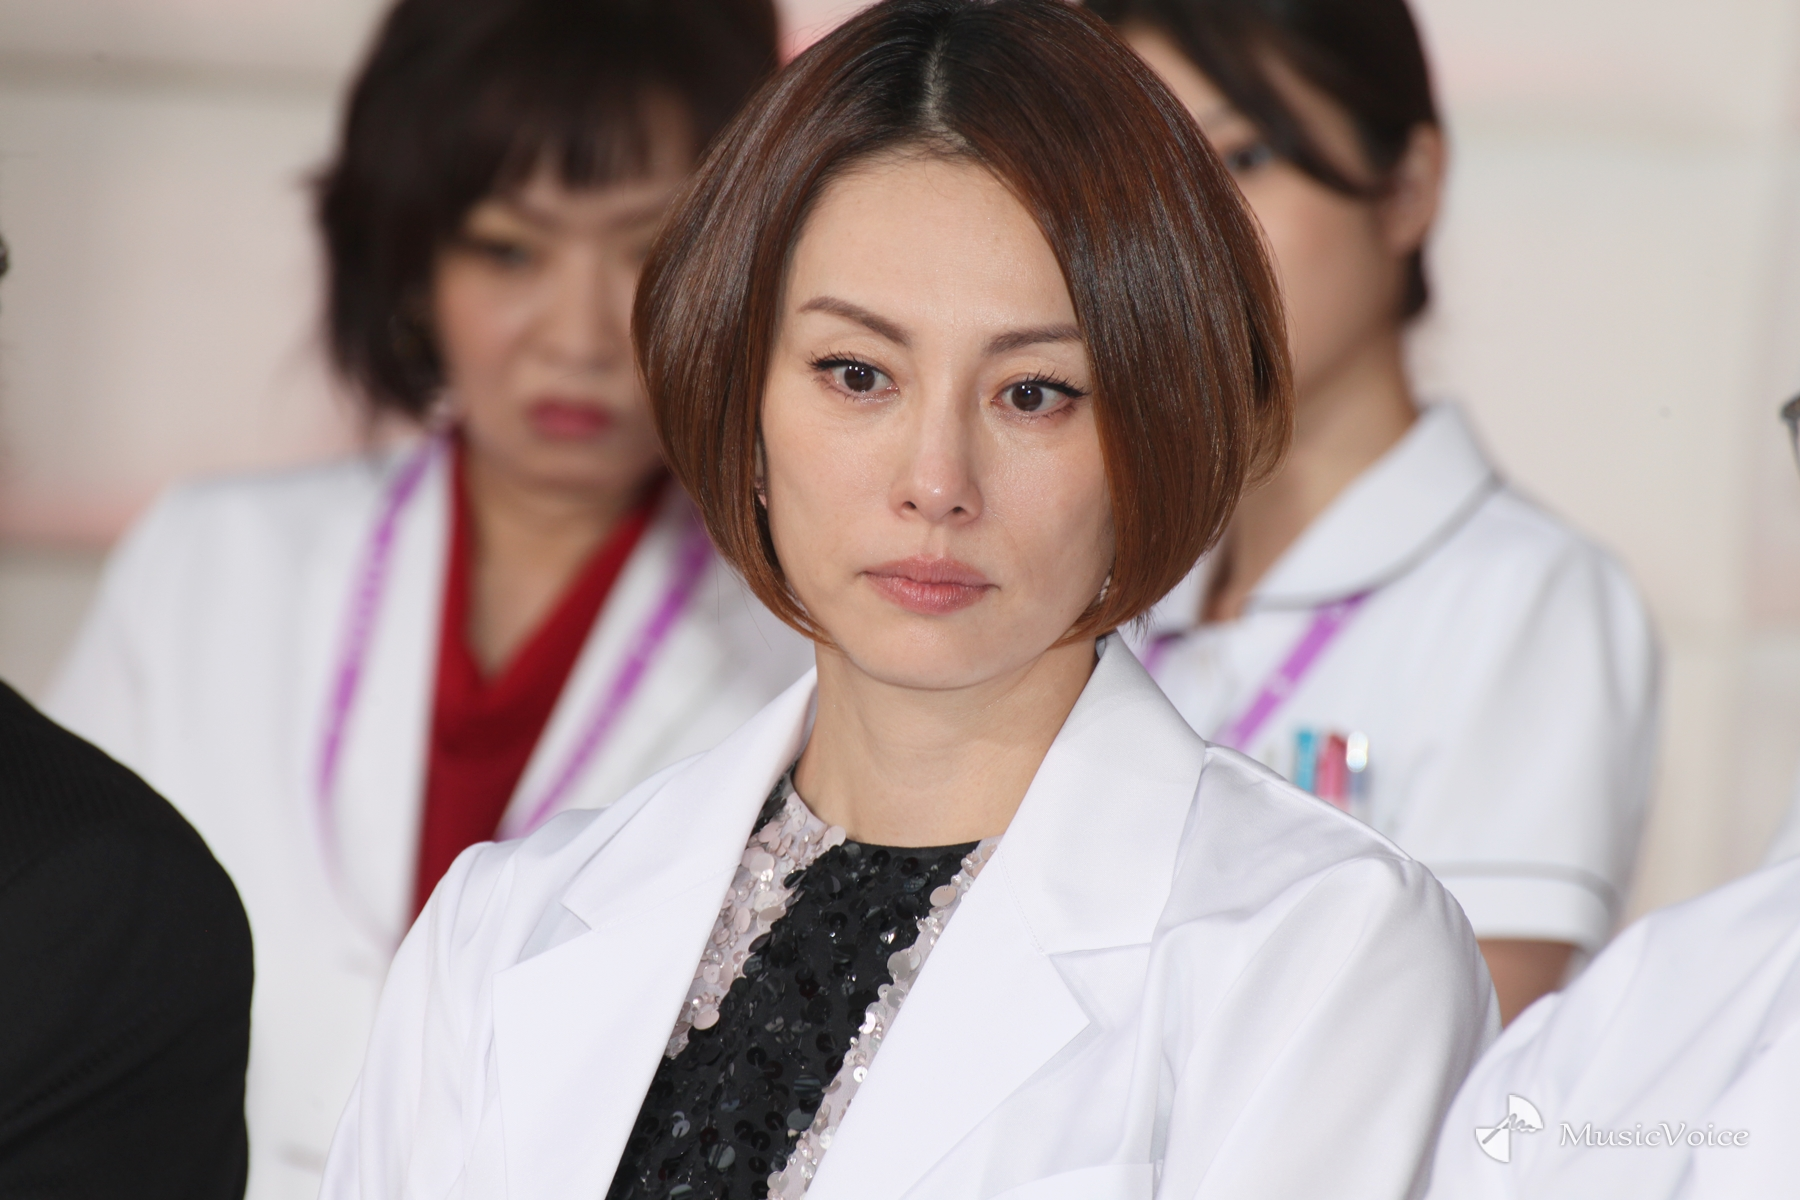 涼子 症候群 髄 低 液 米倉 ドクターX監修医が救った米倉涼子の低髄液圧症候群